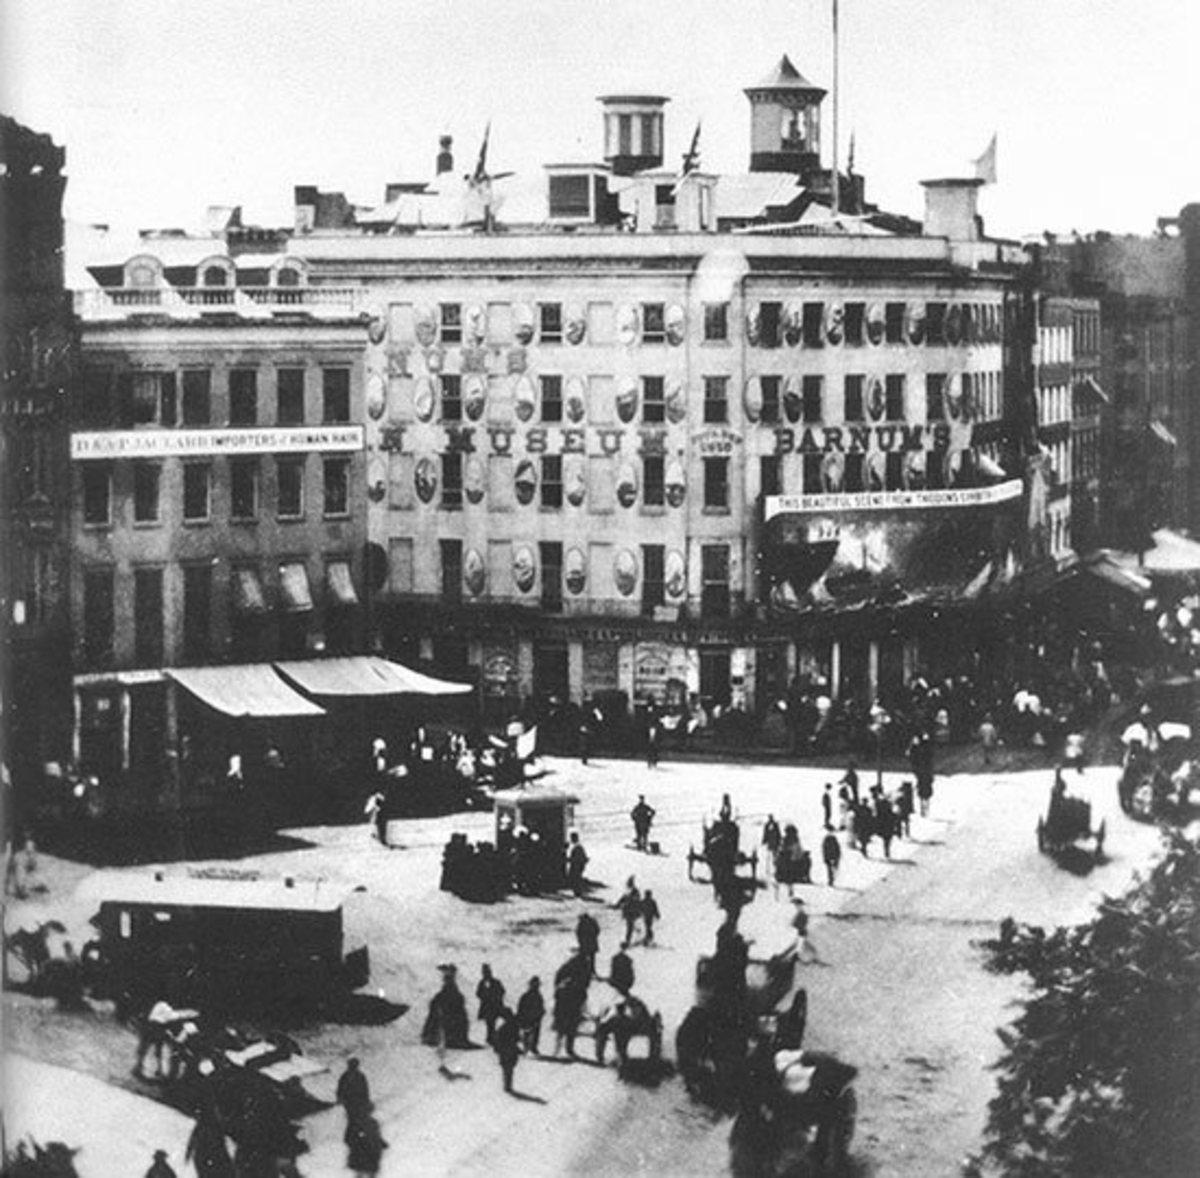 Barnum's American Museum In 1858